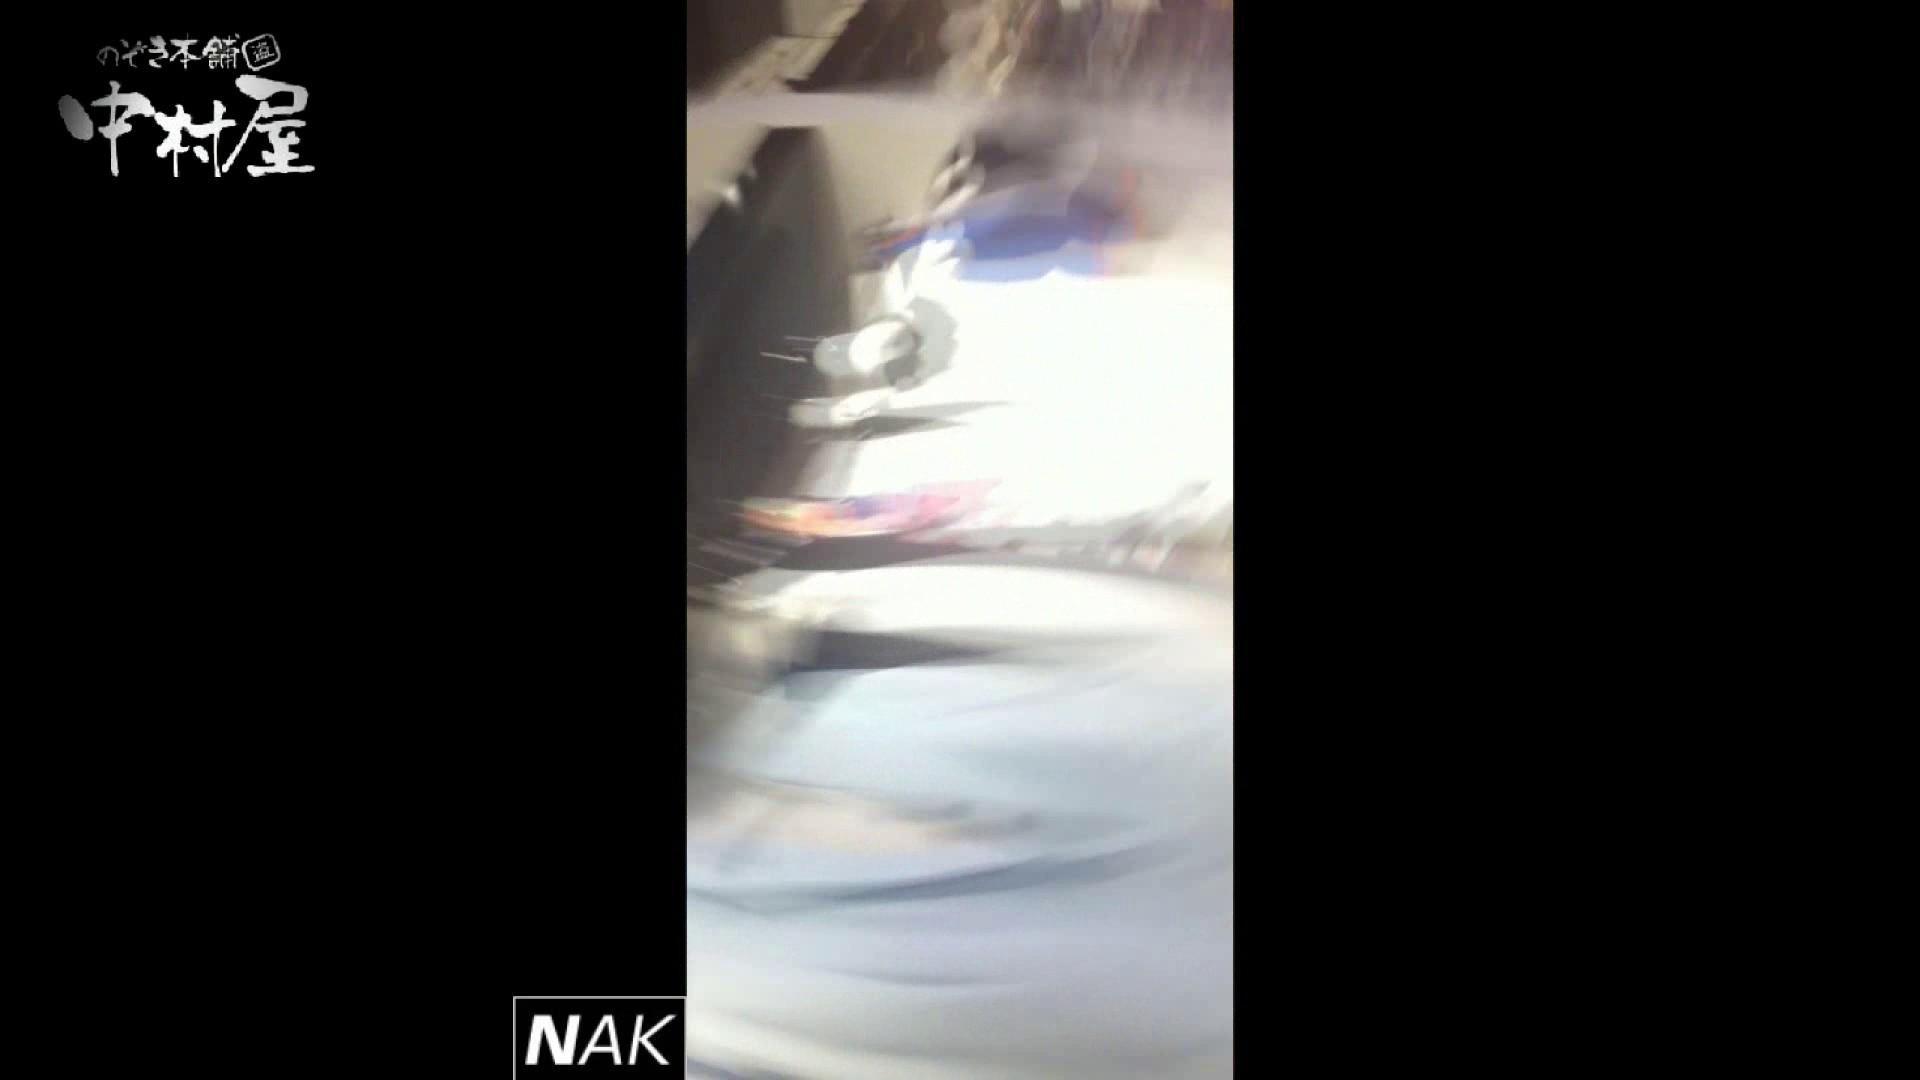 ハイビジョン盗撮!ショップ店員千人斬り!パンチラ編 vol.40 パンチラ AV無料動画キャプチャ 90PIX 4